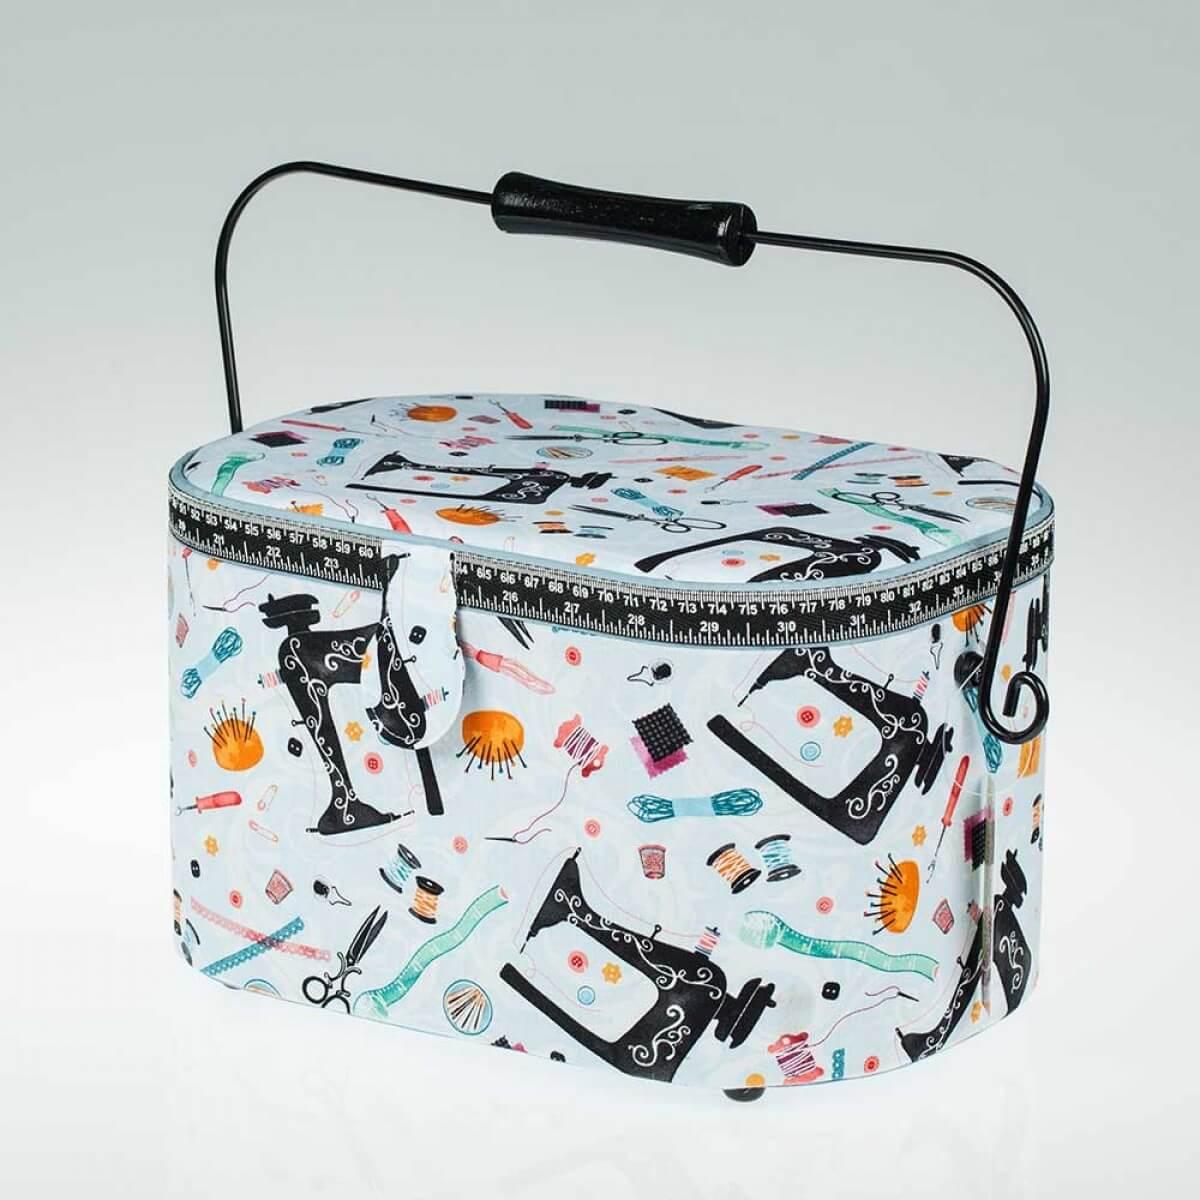 Boite couture tissu couture addict for Boite couture tissu